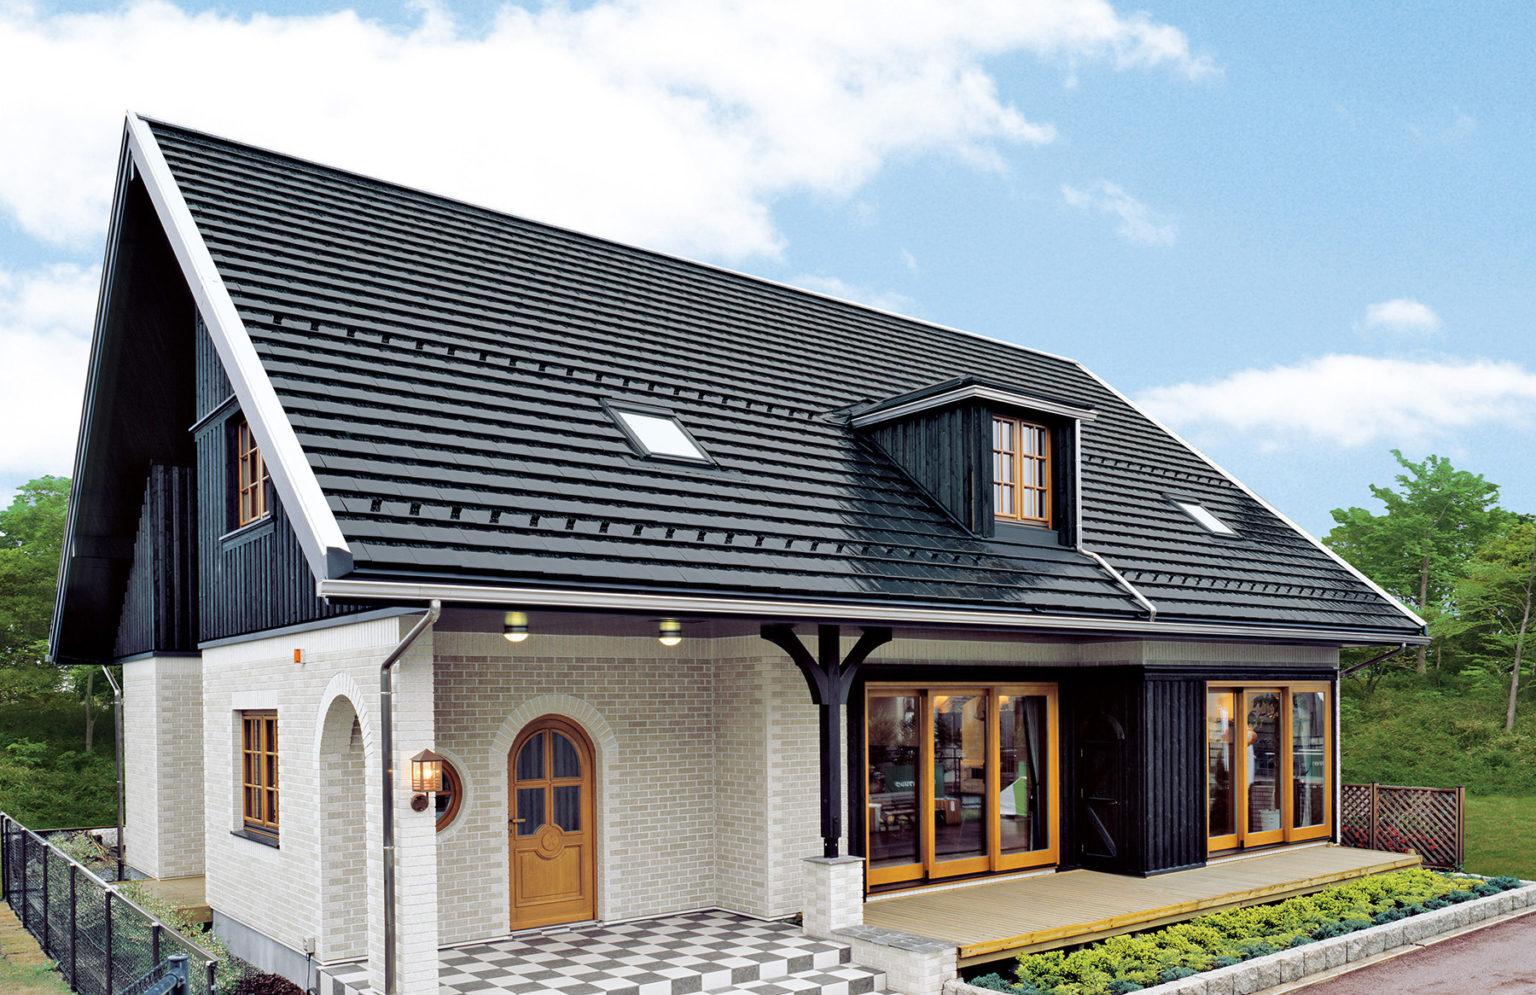 北洲ハウジングが提供する北欧のヨーロピアンテイストの家 HAUZE[ハウゼ]